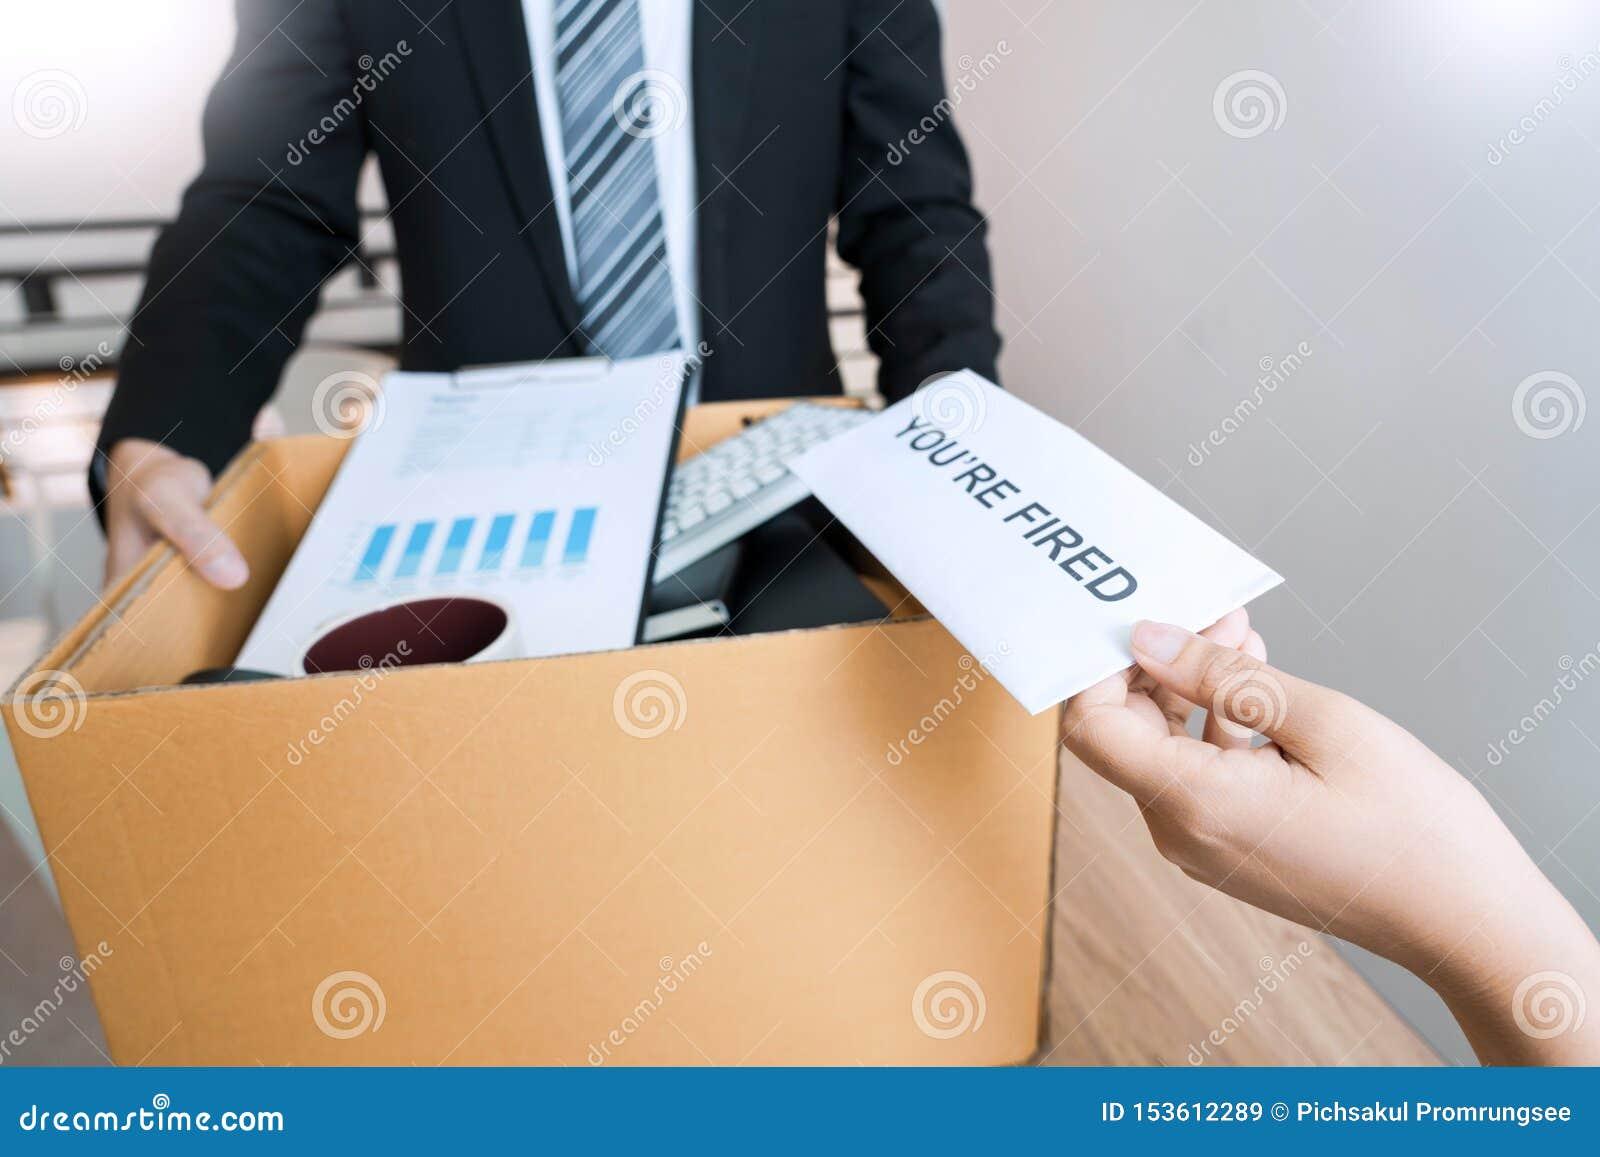 Zakenman die berustingsbrief verzenden naar werkgever chef- Including over berusting van posities en vacatures, die veranderen en